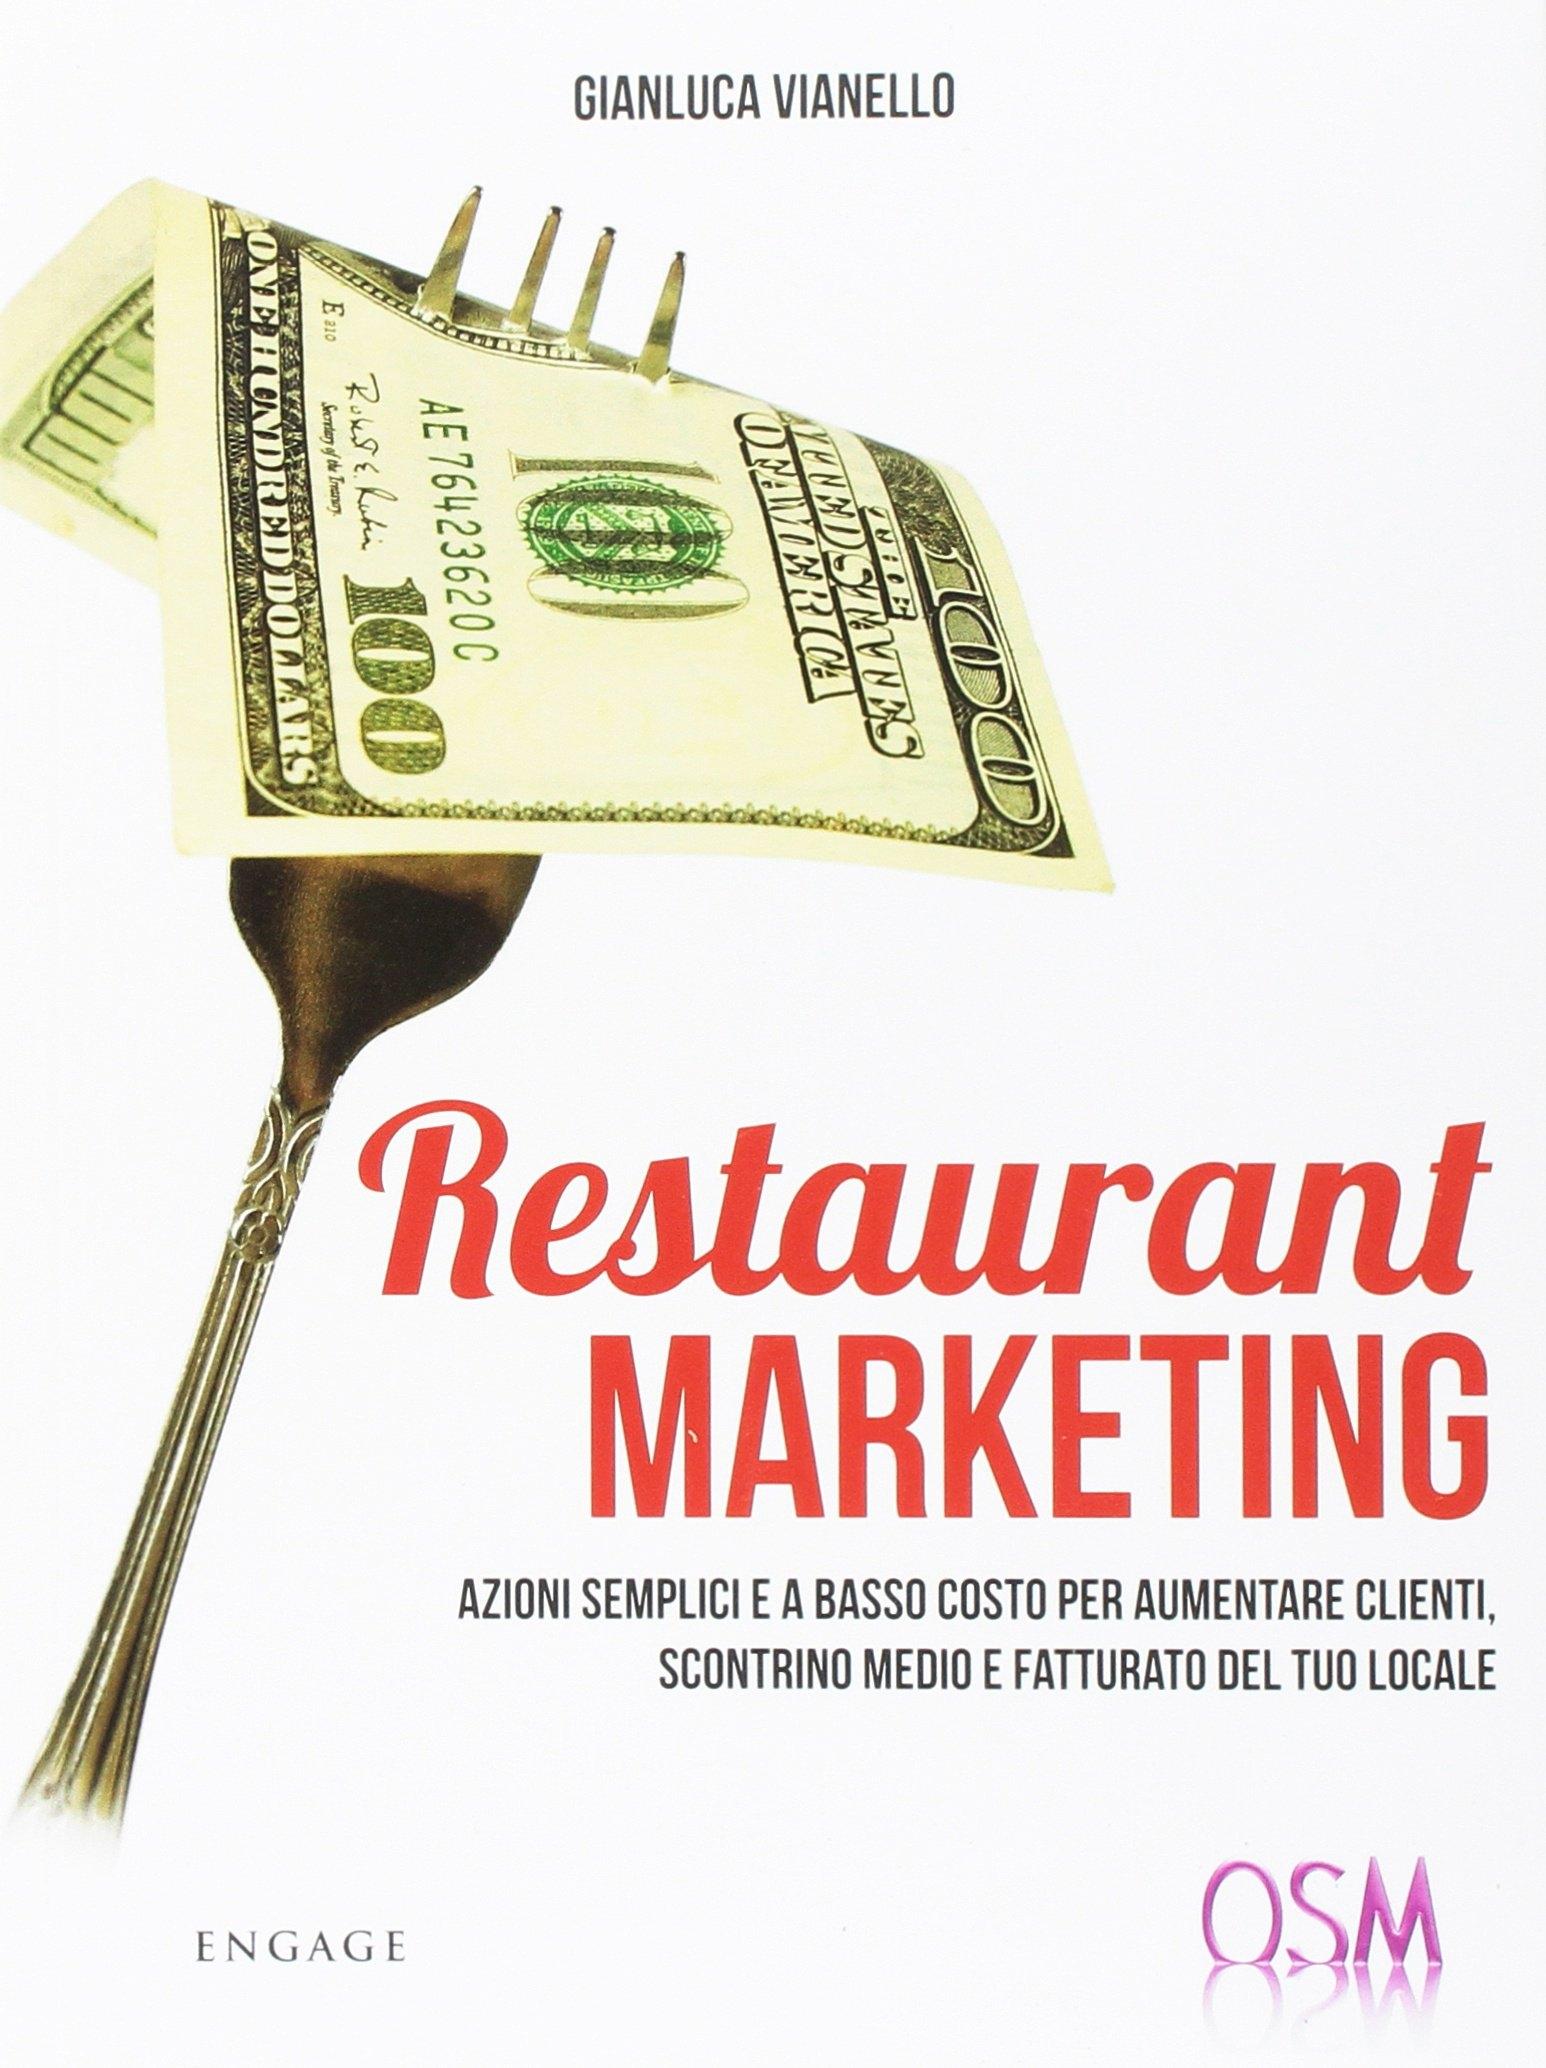 Restaurant marketing. Azioni semplici e a basso costo per aumentare clienti, scontrino medio e fatturato del tuo locale.